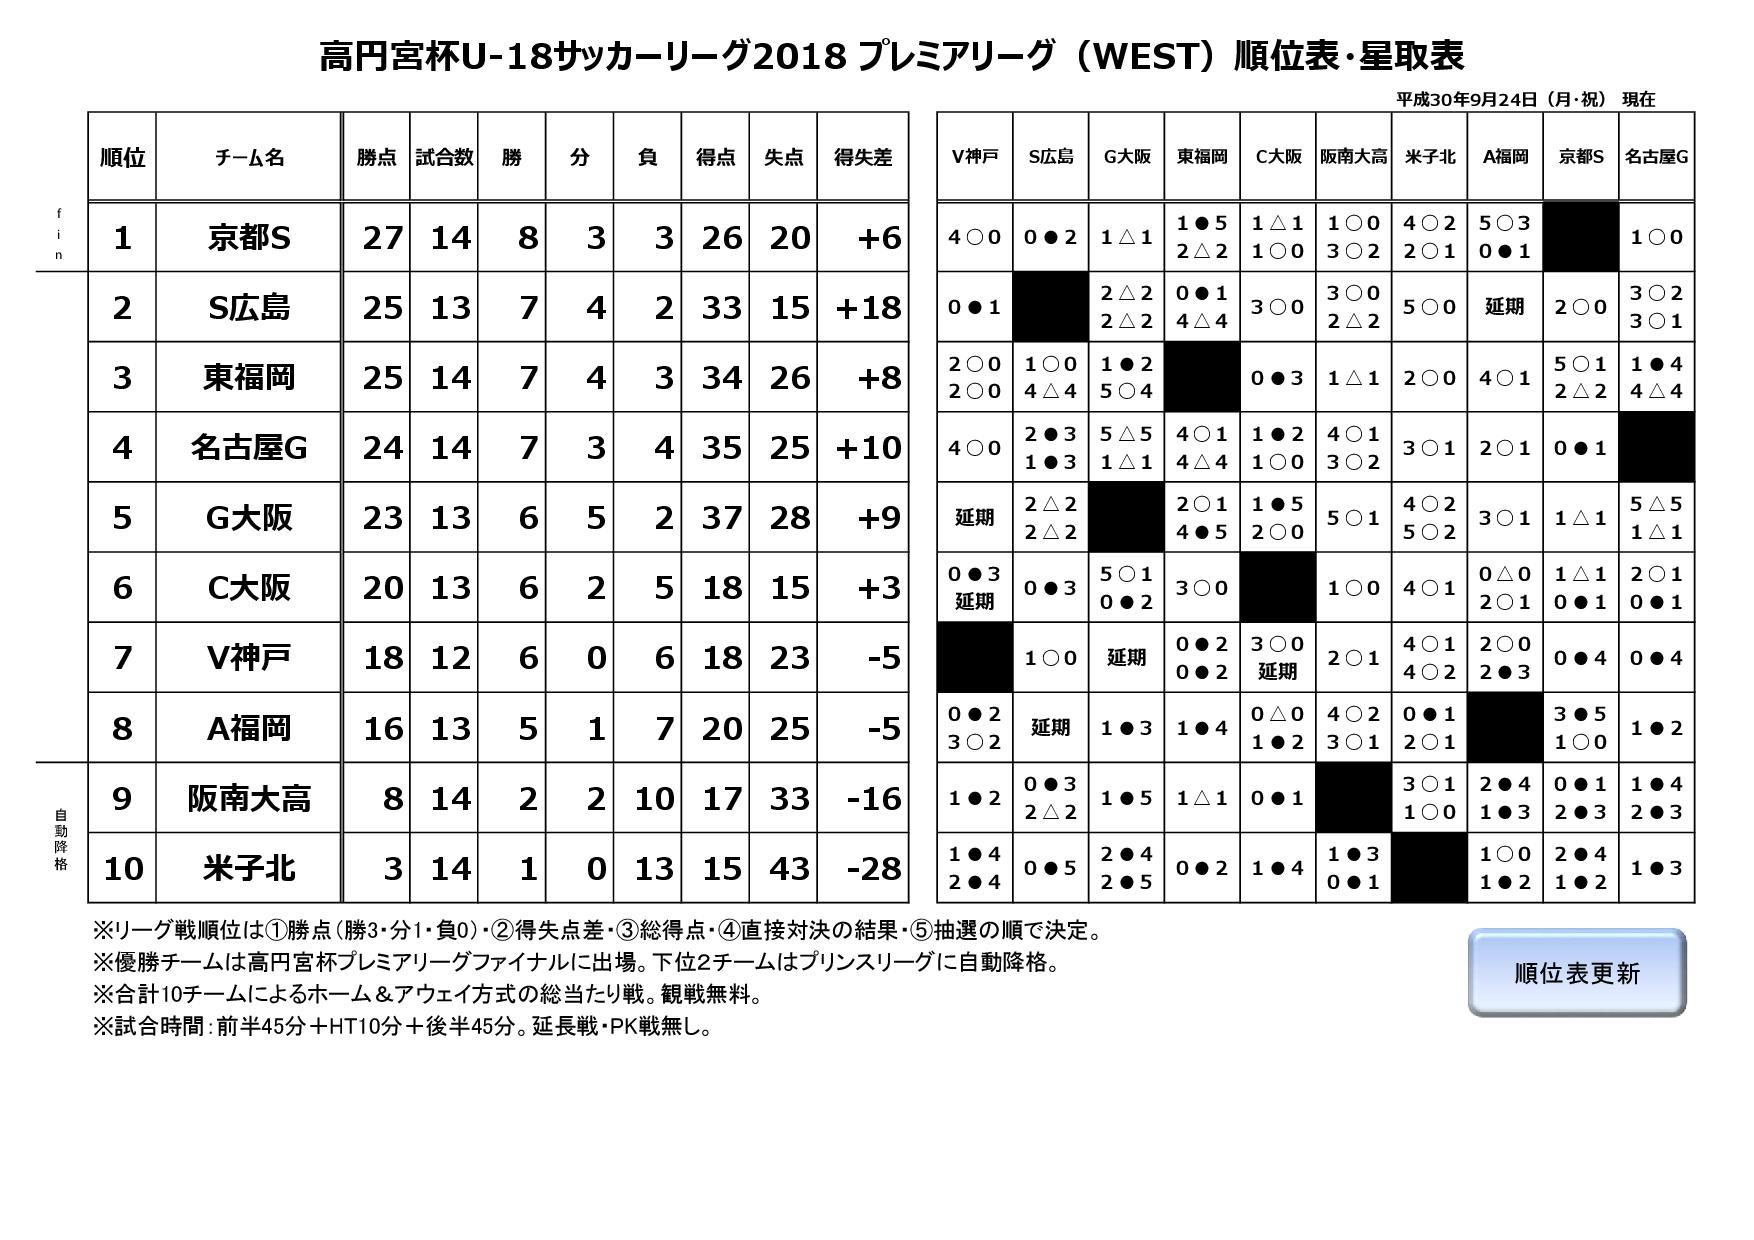 高円宮杯 JFA U-18サッカープレミアリーグ2018WEST